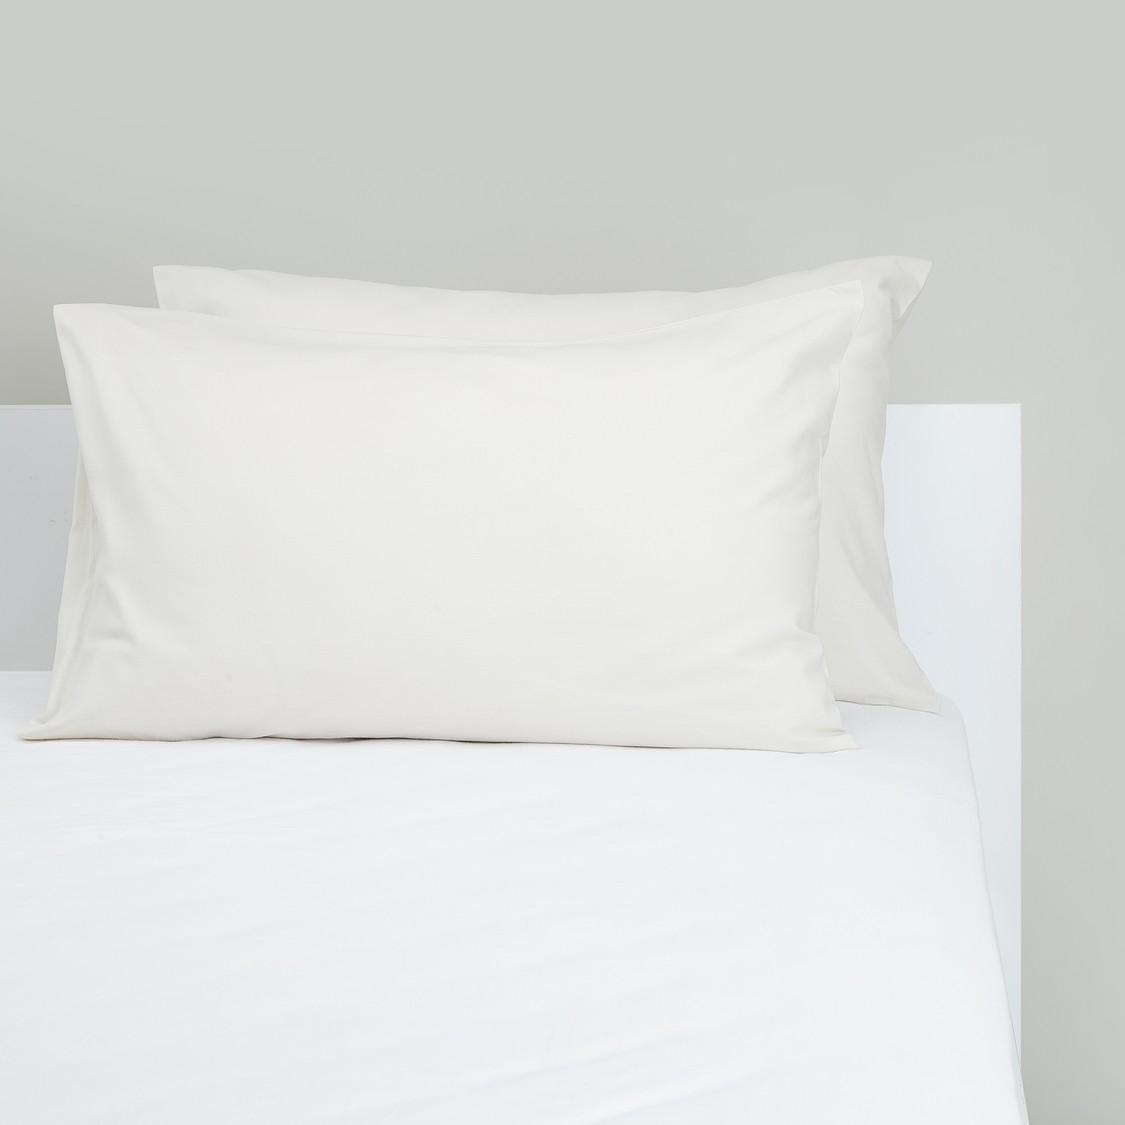 طقم غطاء وسادة سادة من قطعتين - 75x50 سم